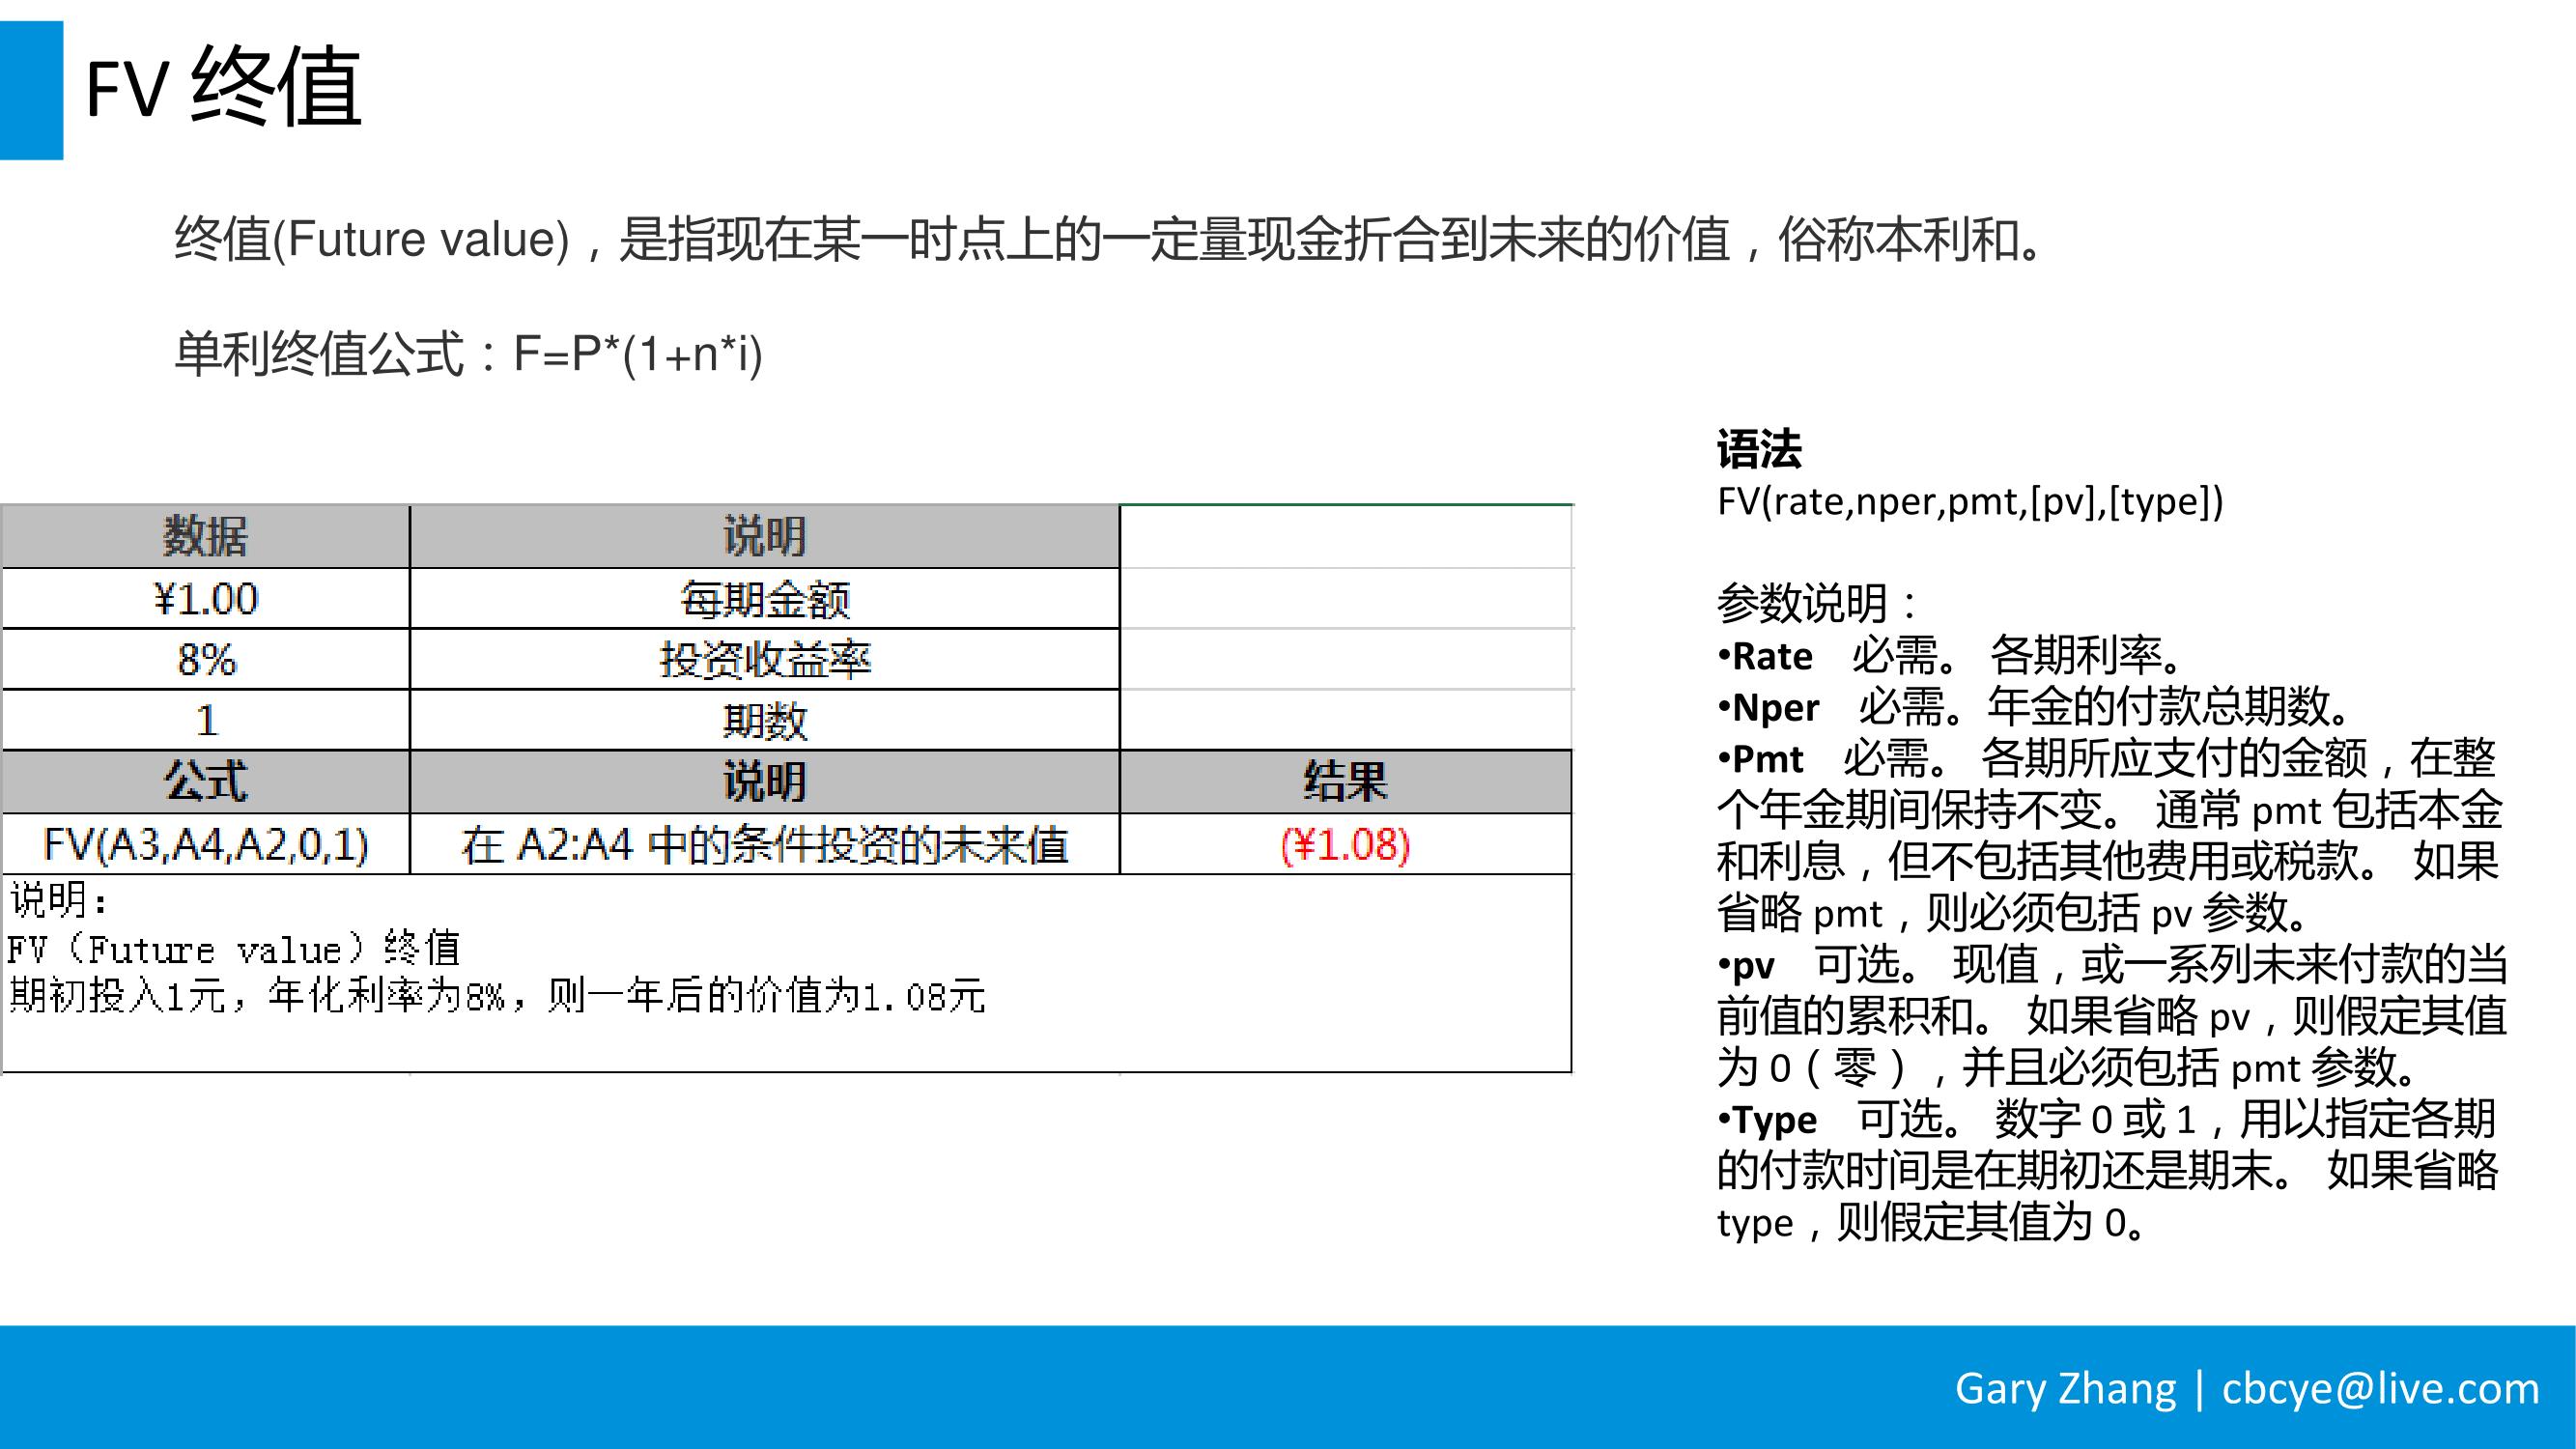 消费金融业务全流程指南_v1.0-069